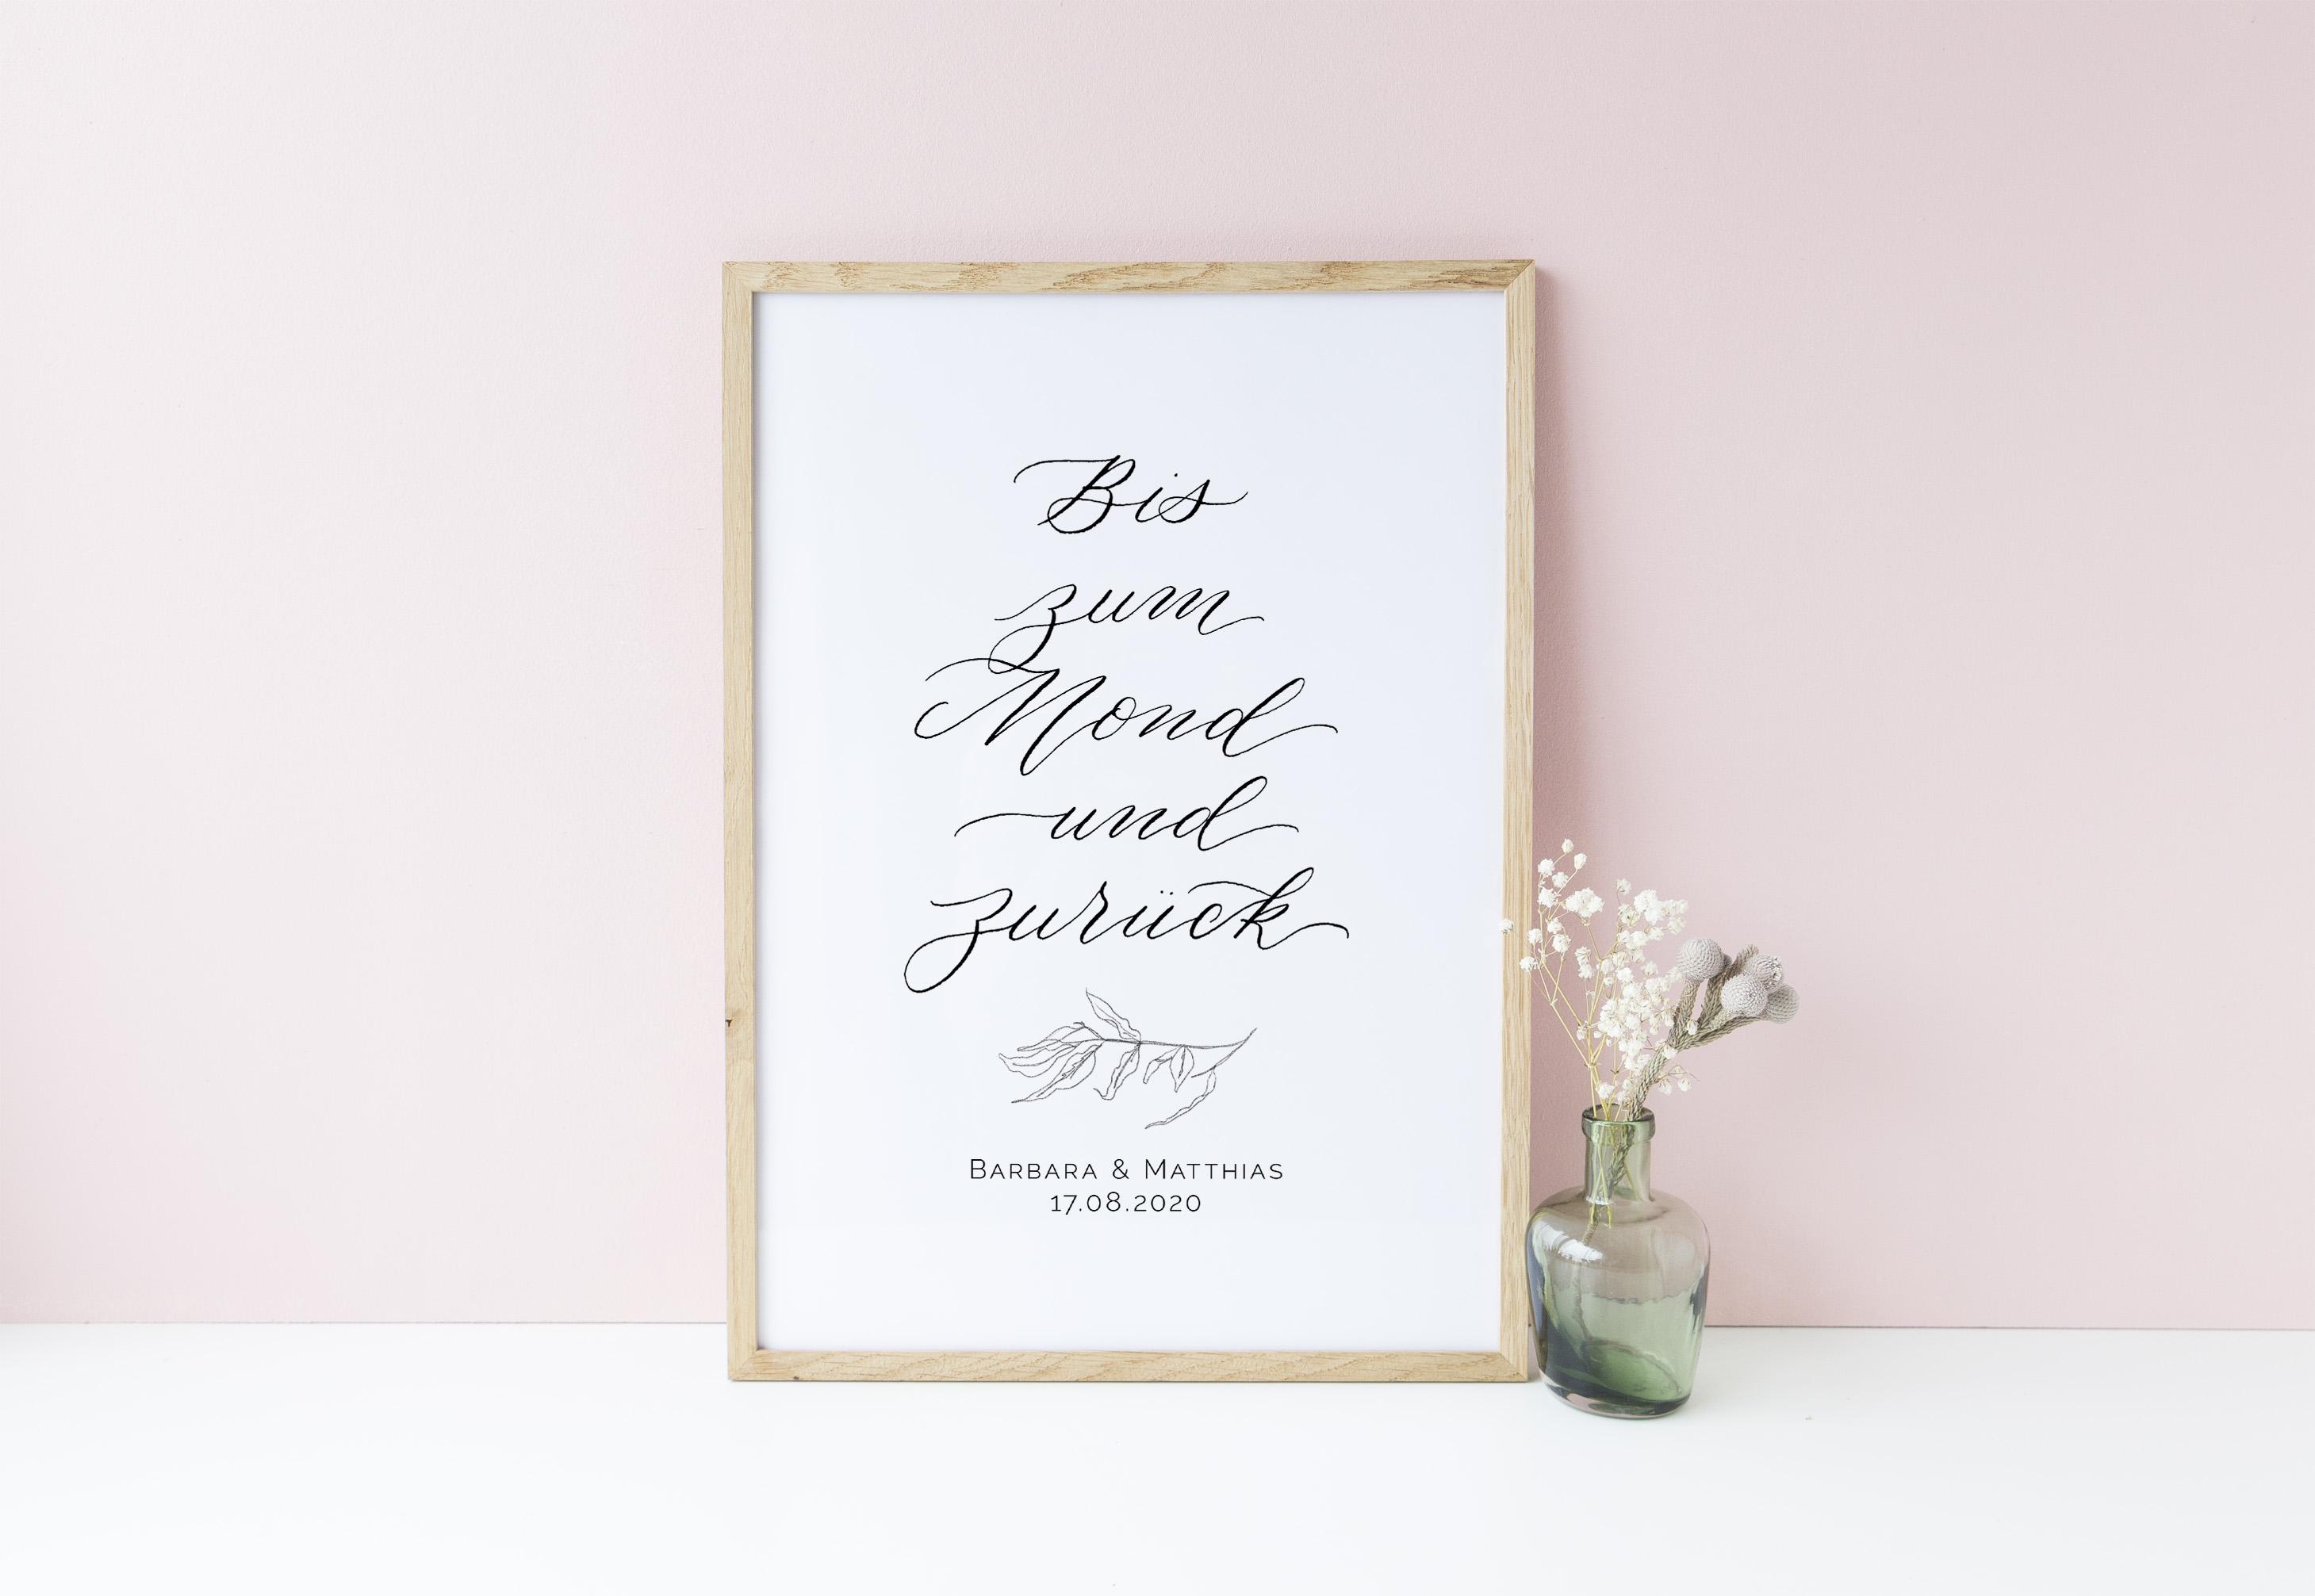 poster hochzeit und geschenk zur hochzeit bis zum mond und zur ck the little wedding corner shop. Black Bedroom Furniture Sets. Home Design Ideas